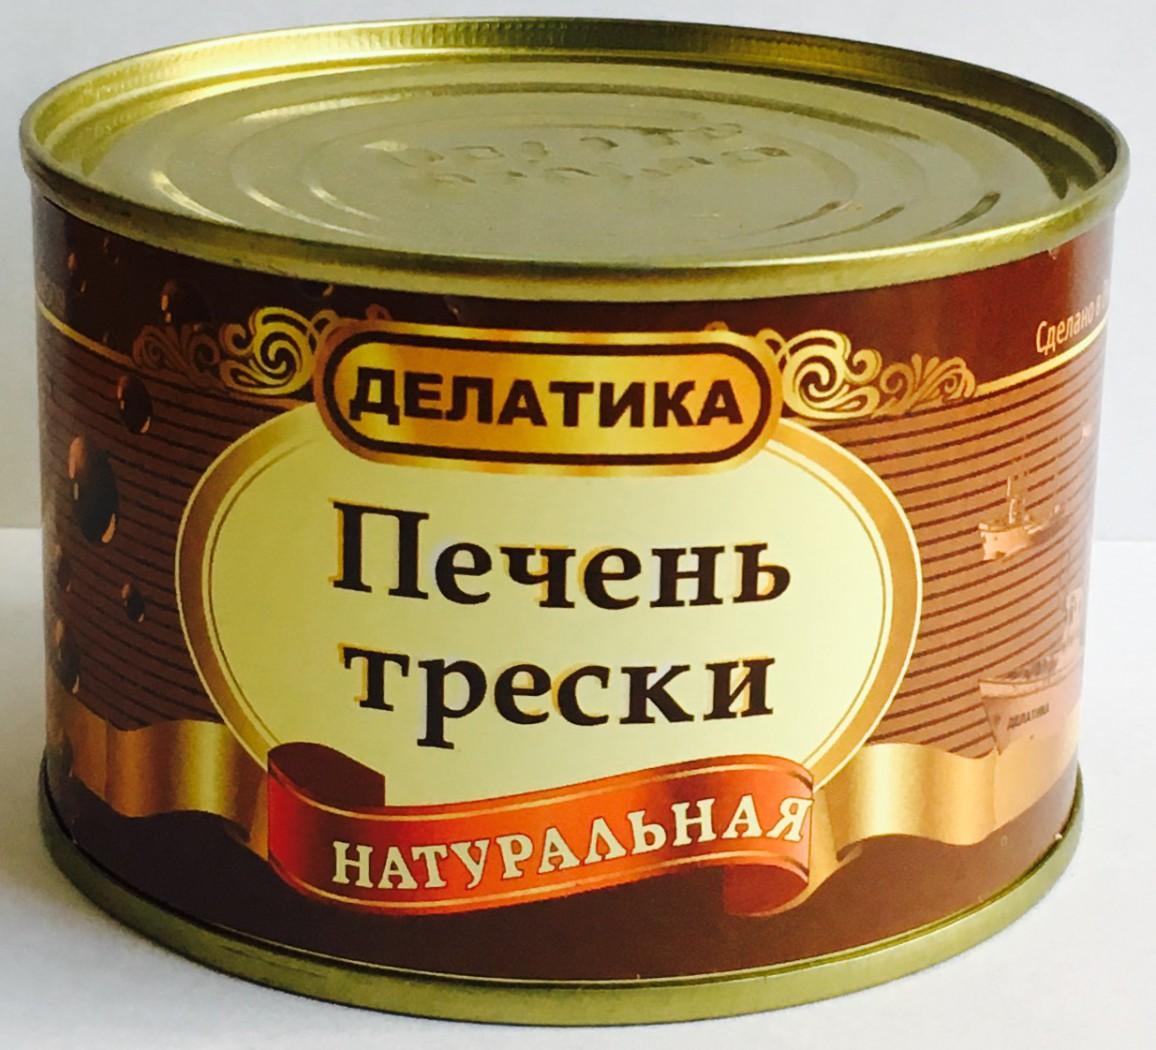 Печень Трески Консервированная При Диете.